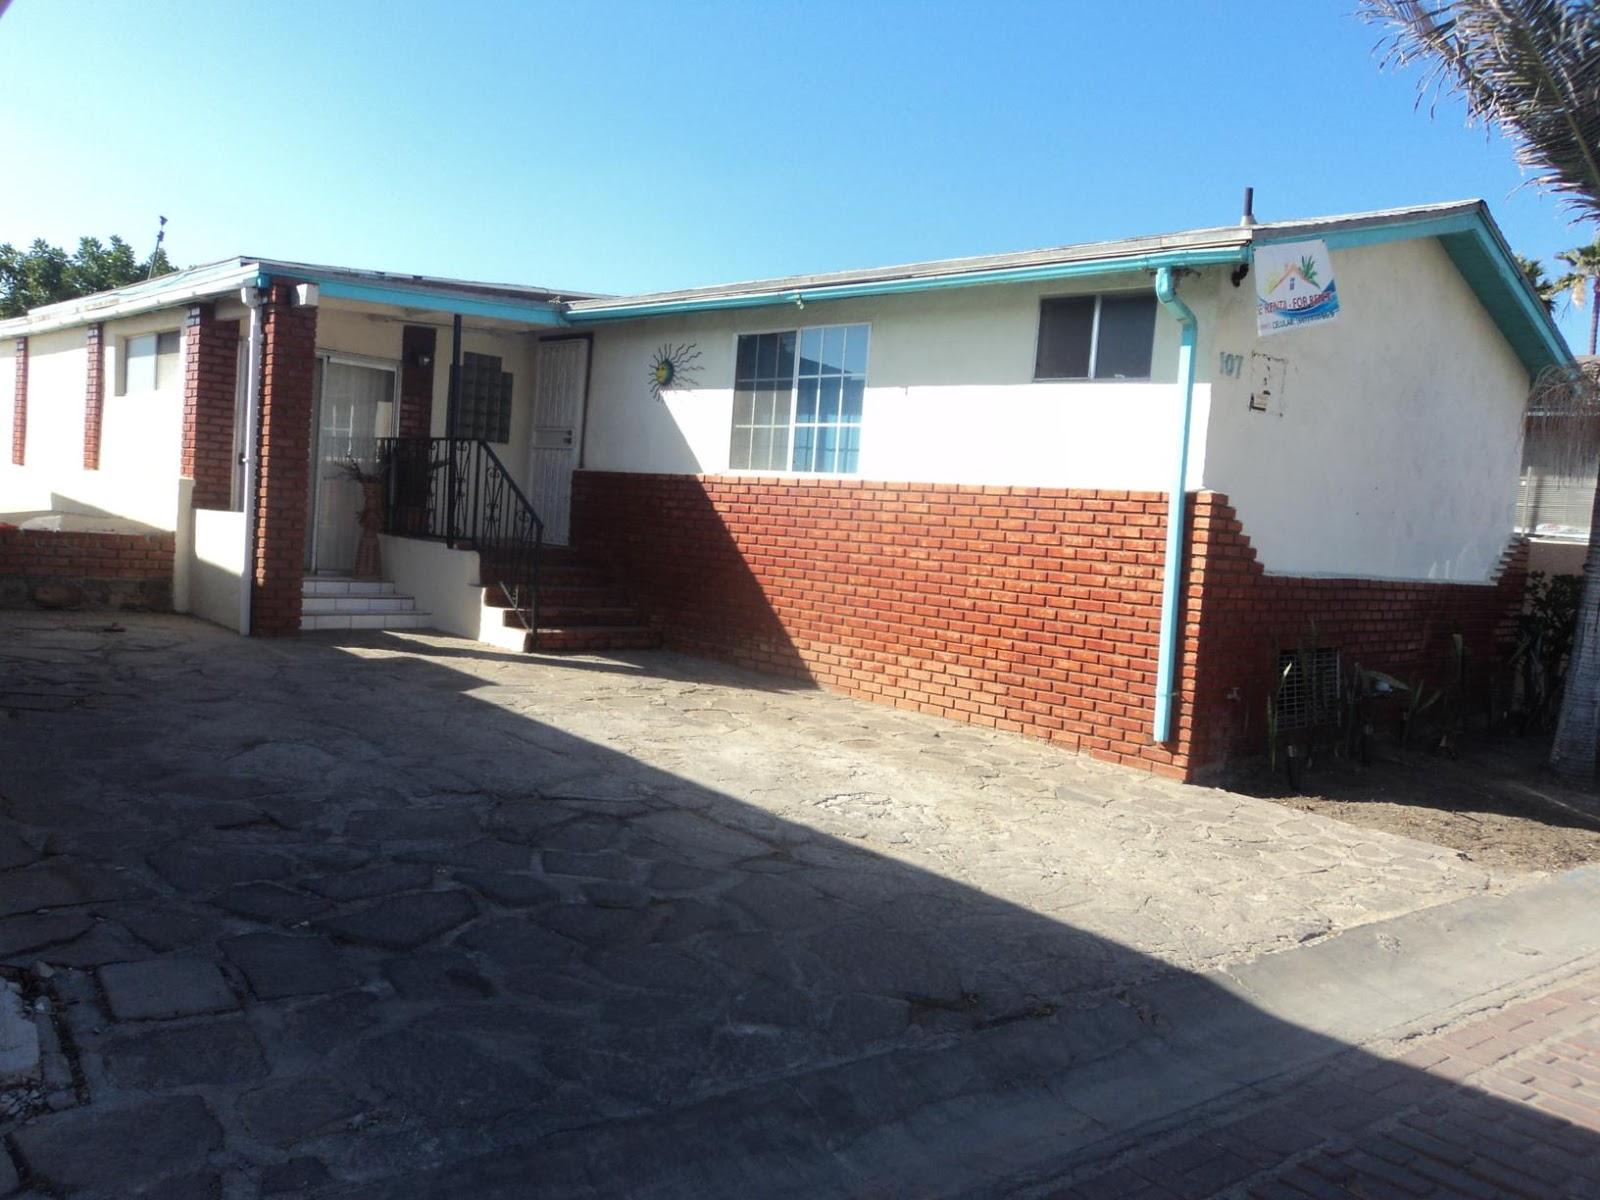 Casa de renta en rosarito casas y departamentos en renta for Casas en renta ensenada